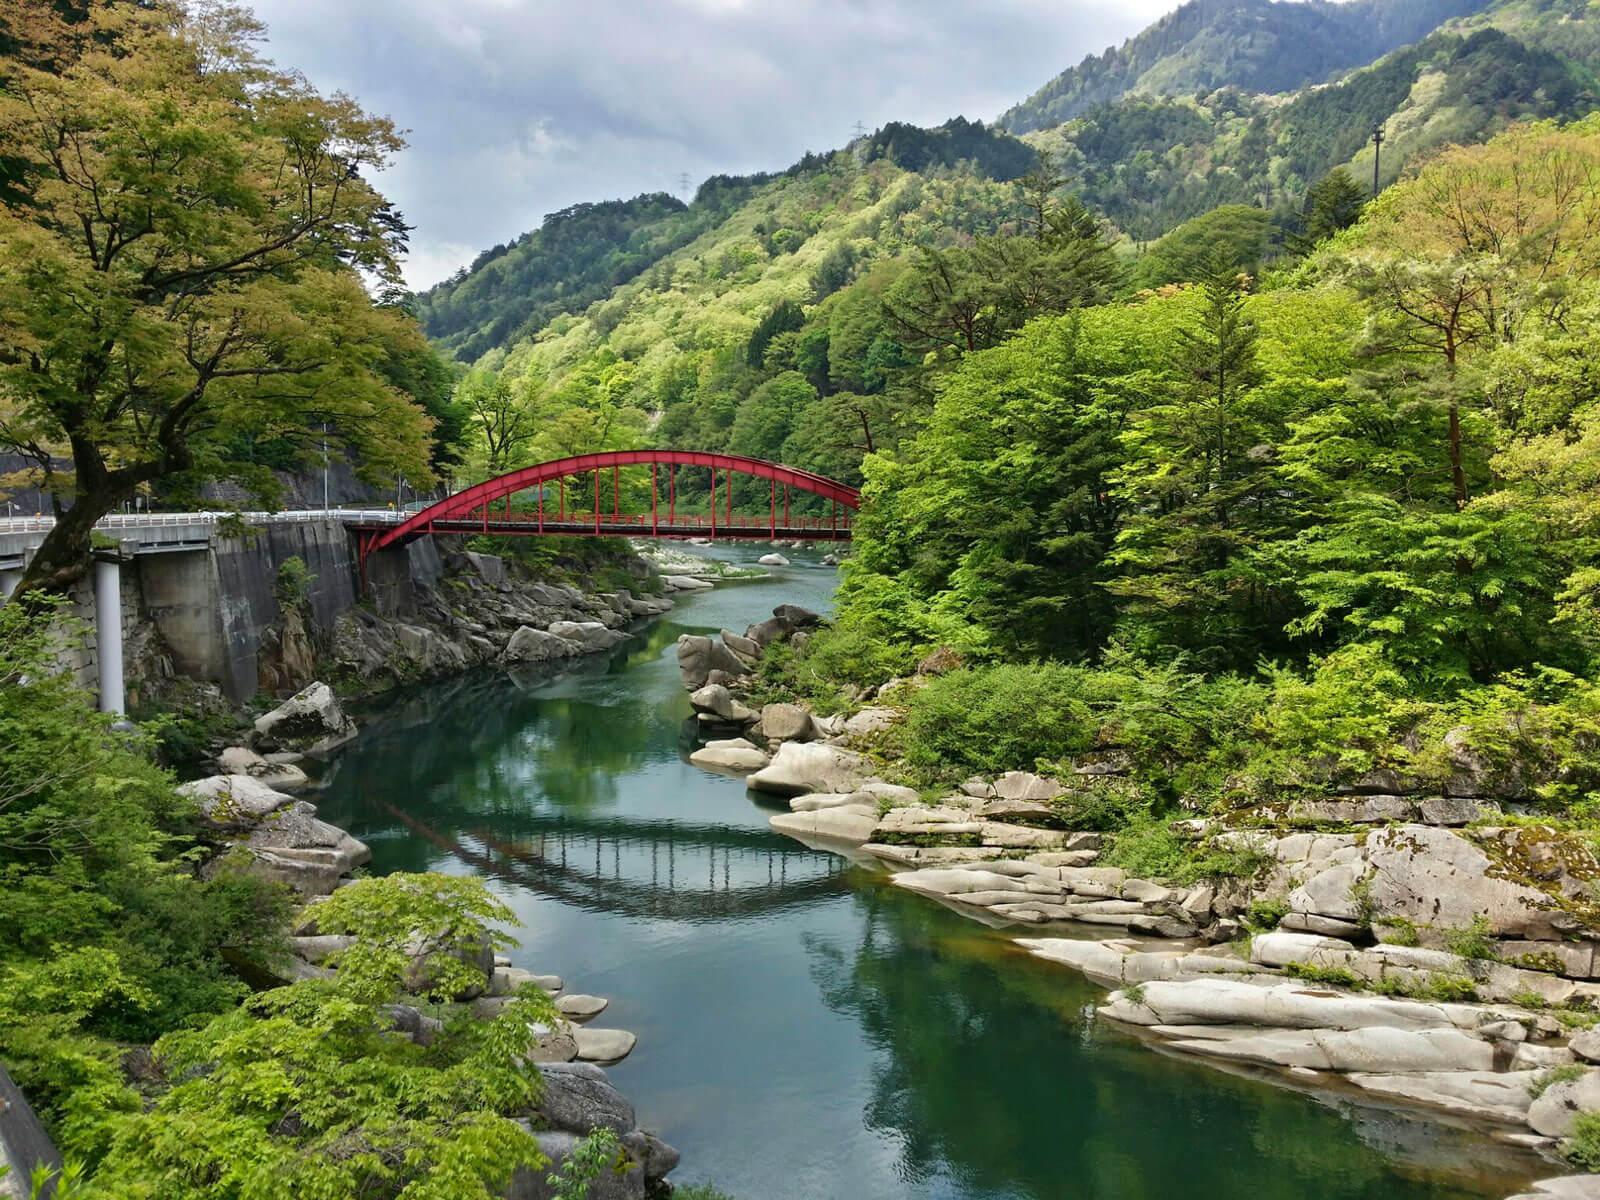 赤沢自然休養林 渓谷